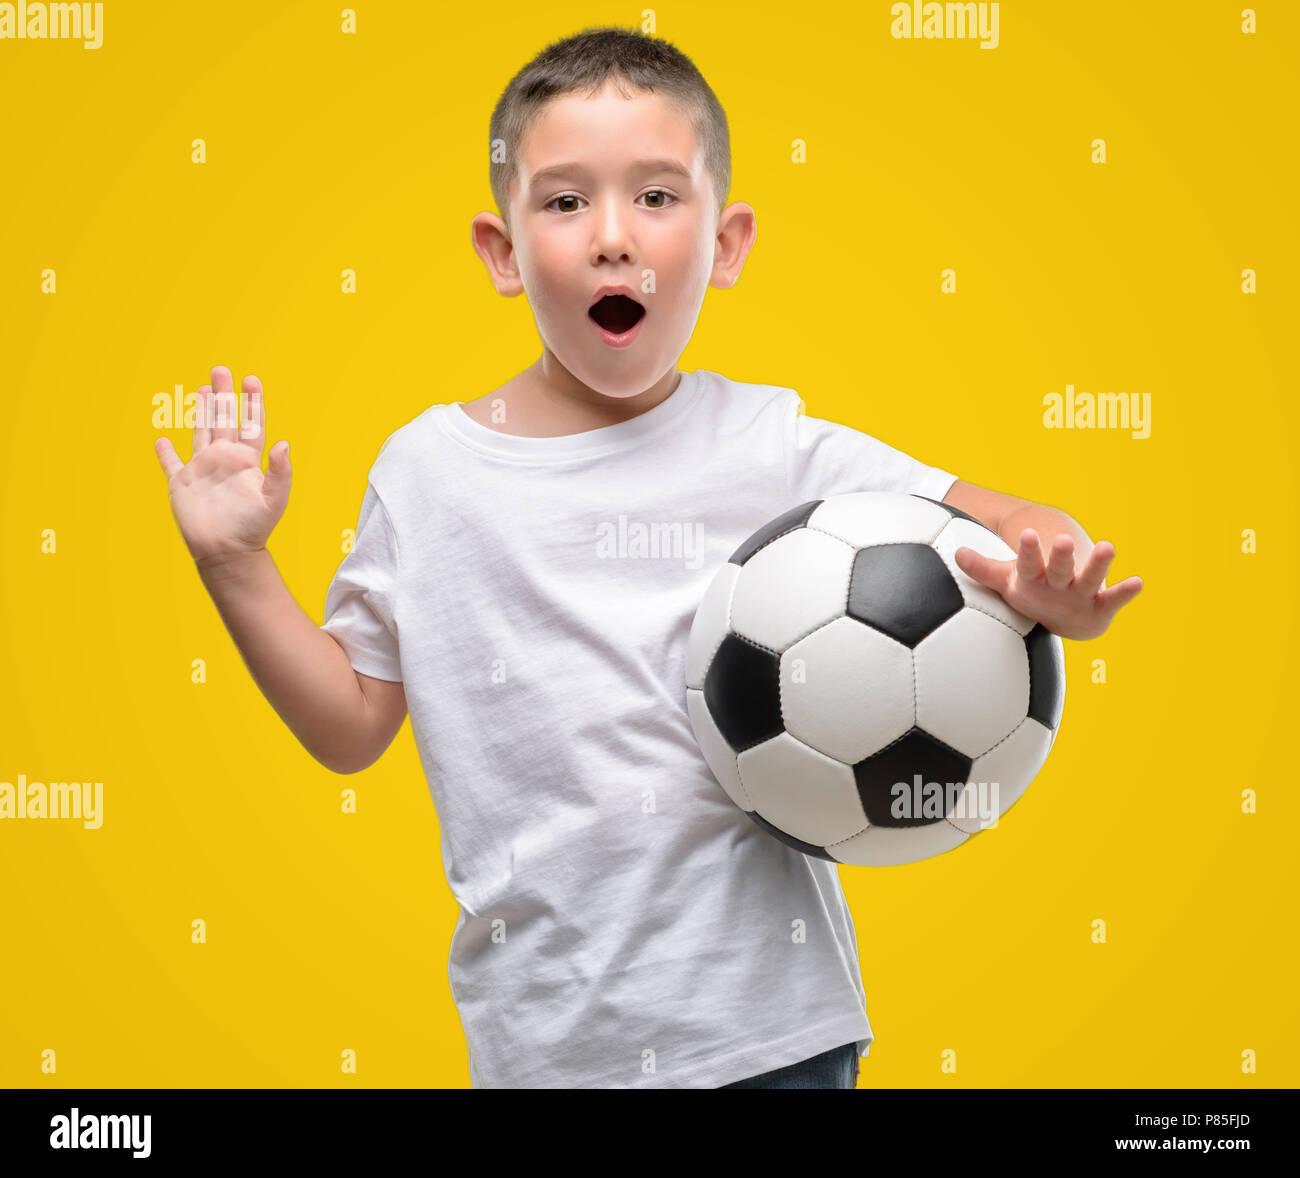 Toddler Holding A Ball Imágenes De Stock   Toddler Holding A Ball ... a7a6204d6a1